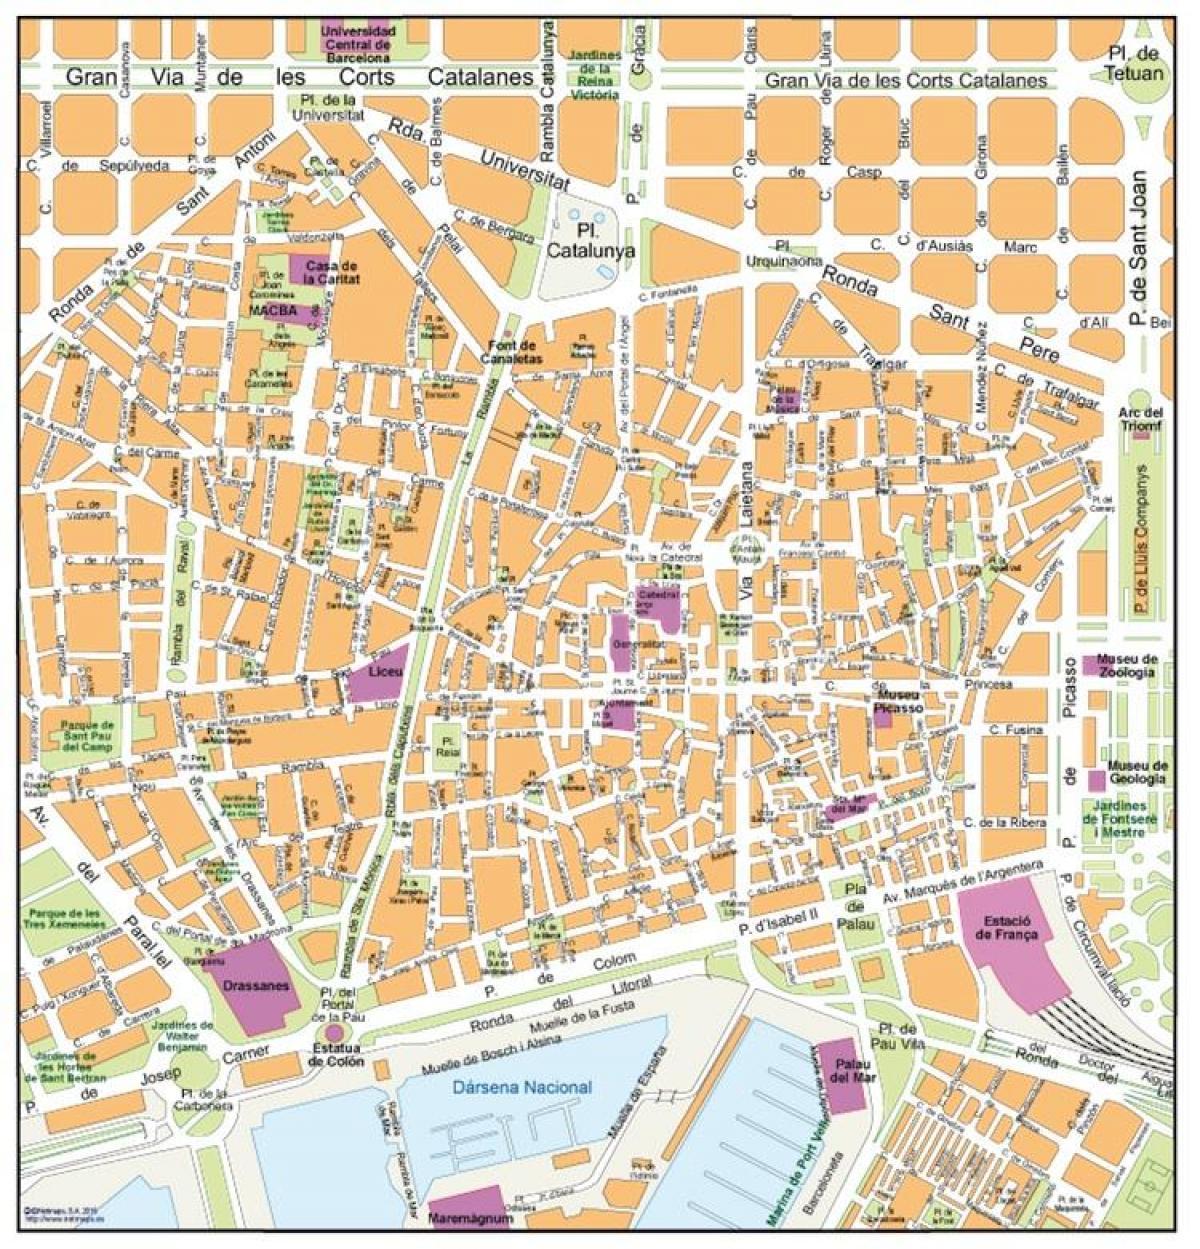 Barcelona Antigo Mapa Da Cidade Velho Mapa De Barcelona